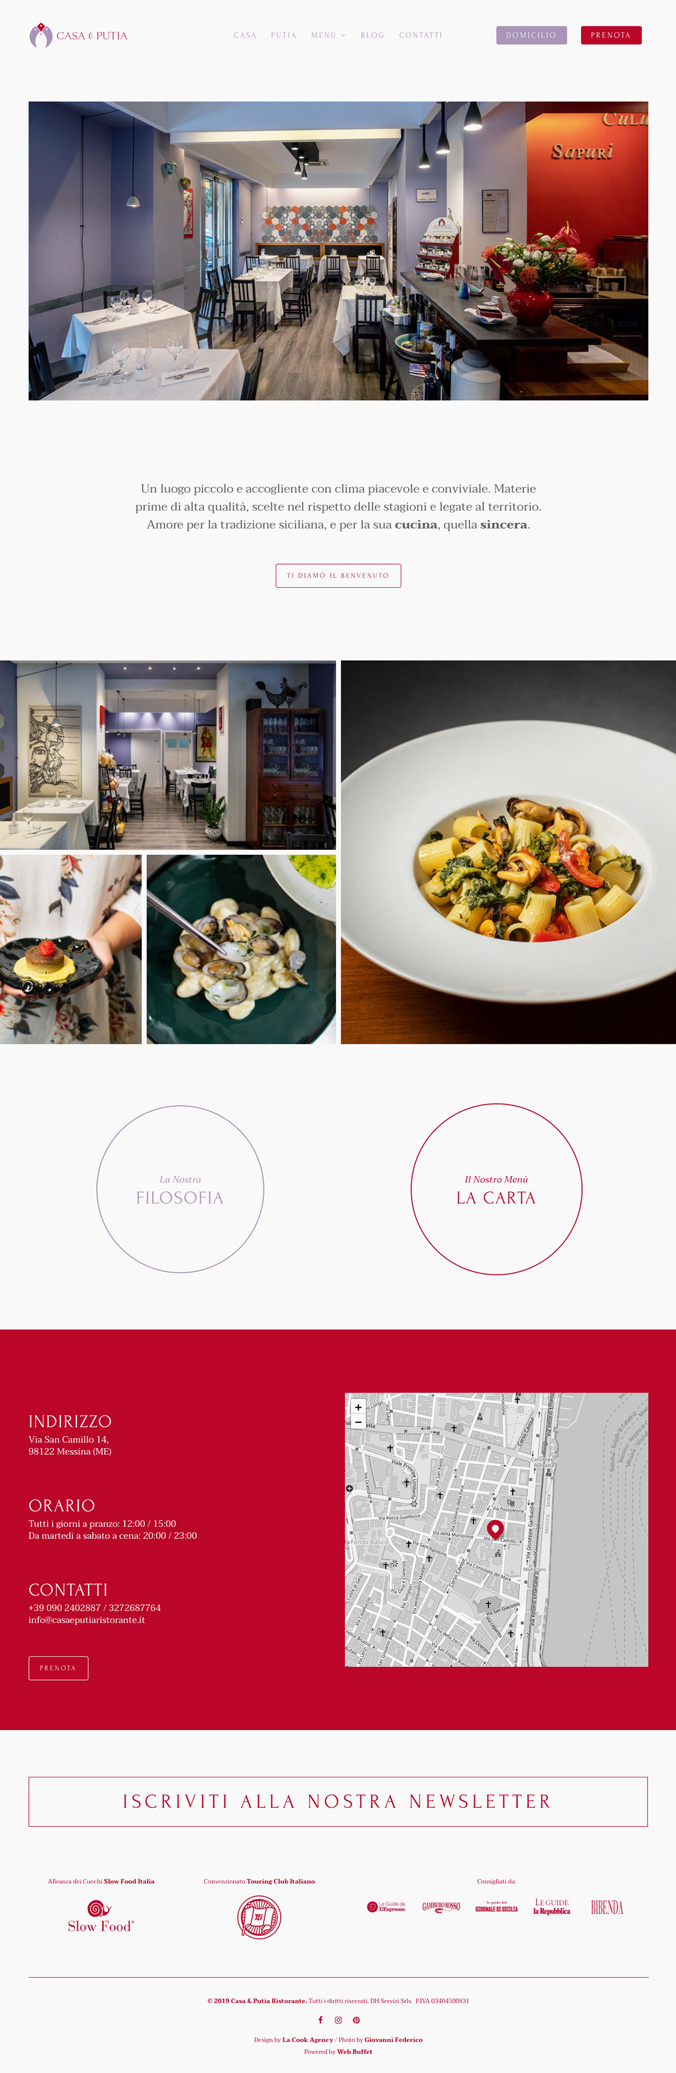 La Cook Website Casa & Putia Design